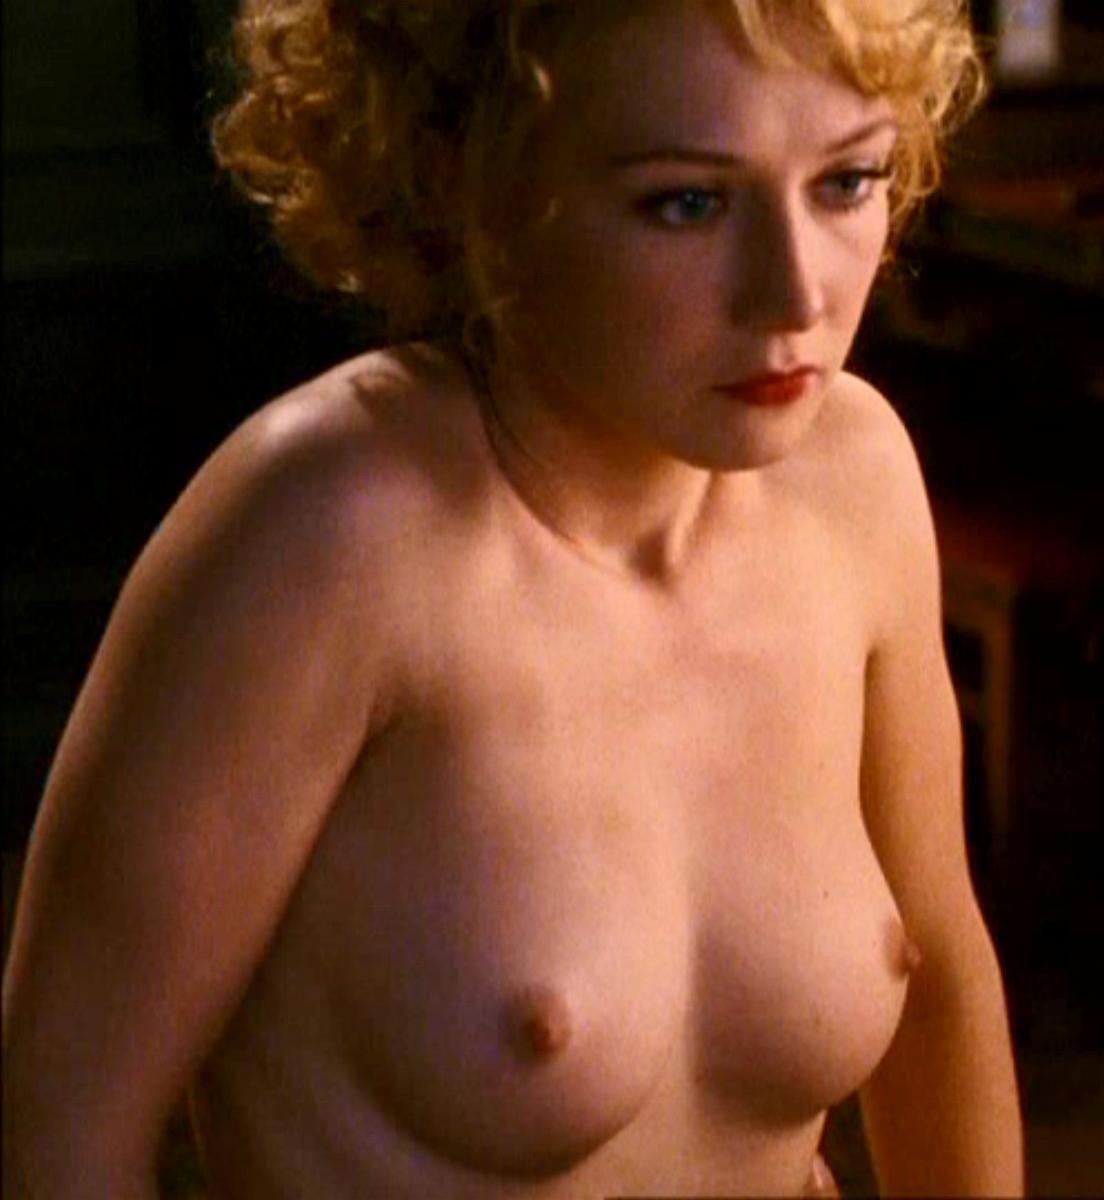 Sarah simon porn